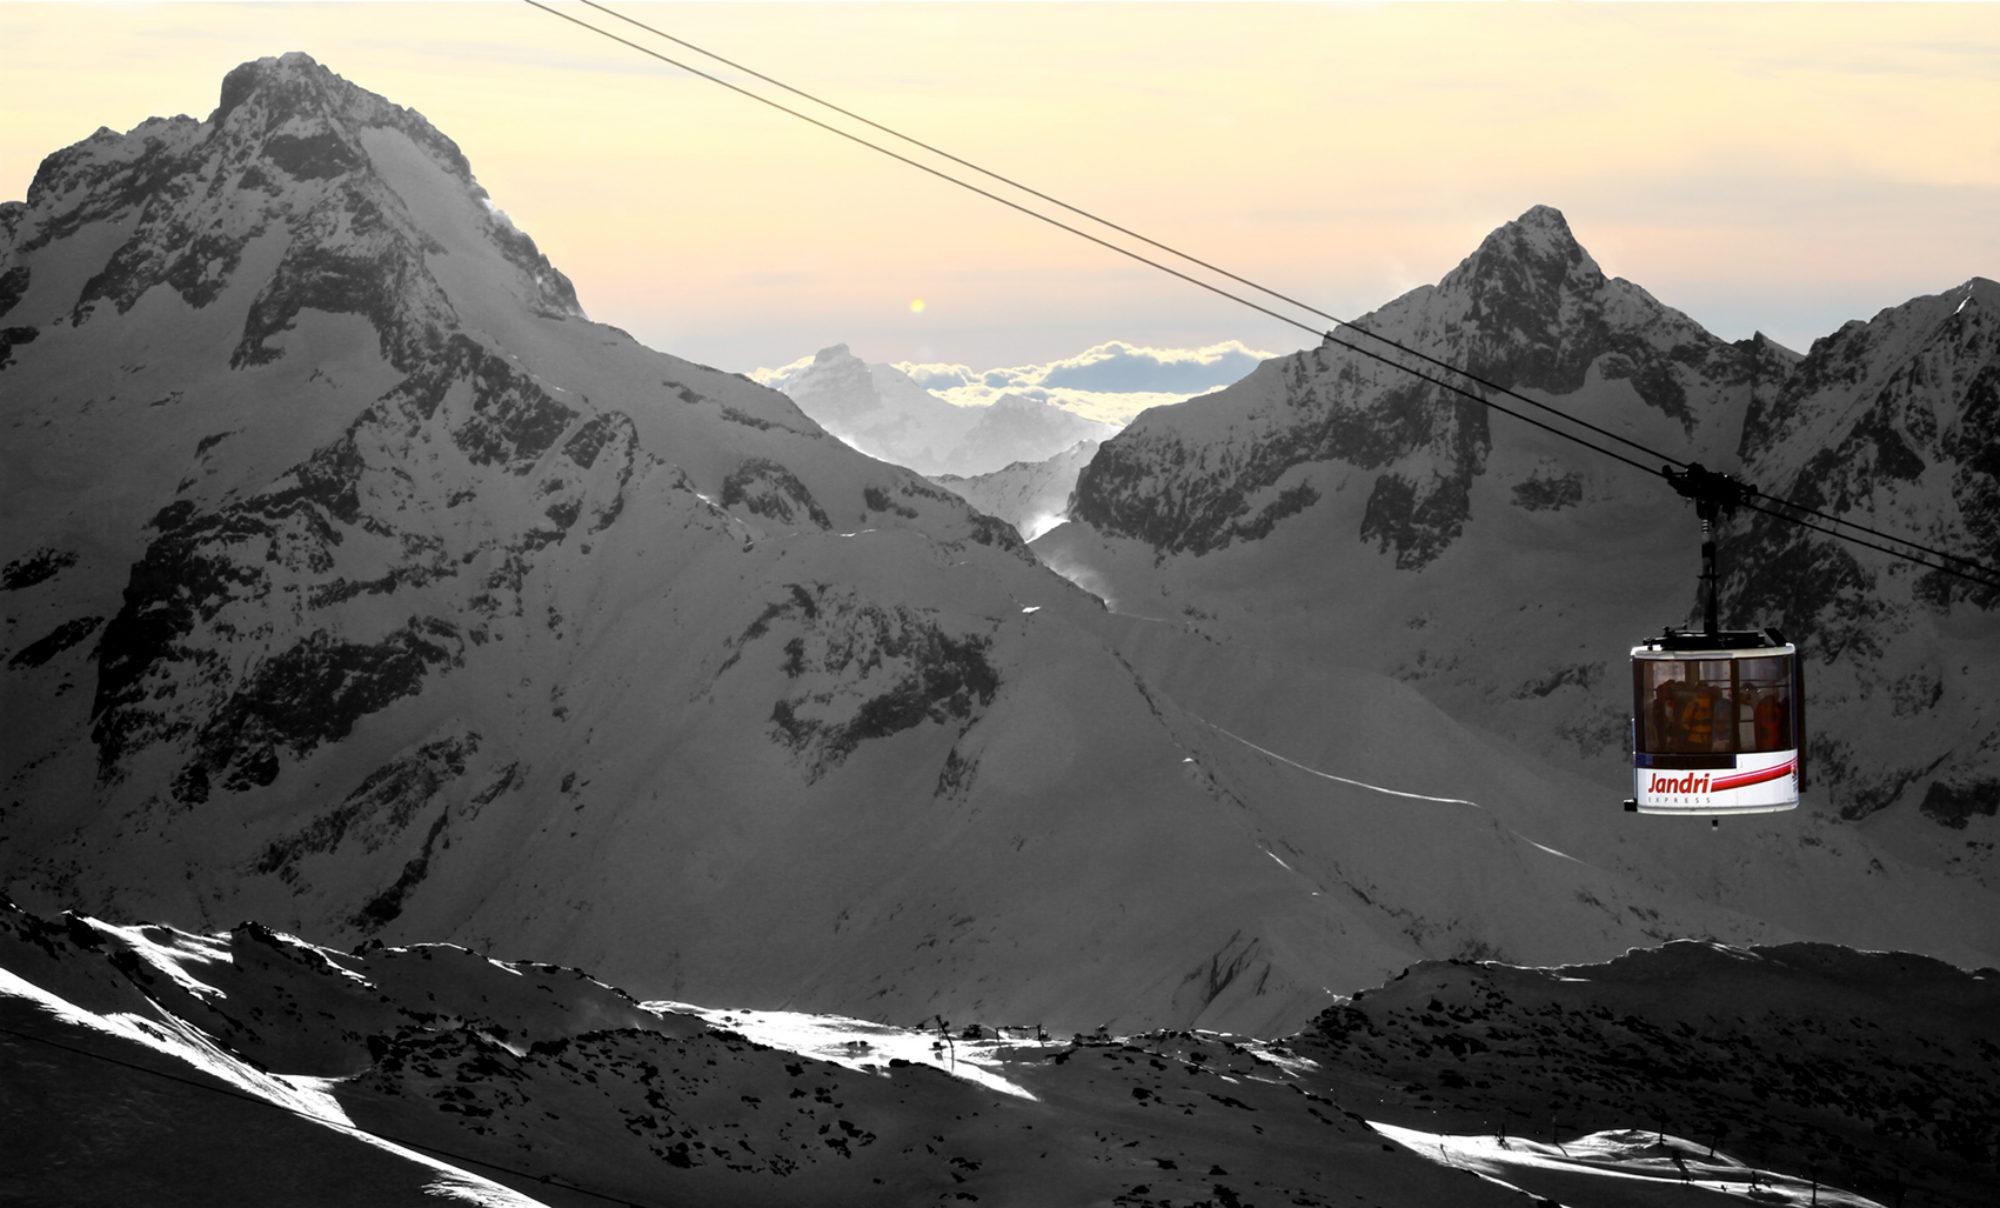 Vue sur la télécabine Jandri aux Deux Alpes, devant des sommets enneigés et un magnifique soleil couchant.